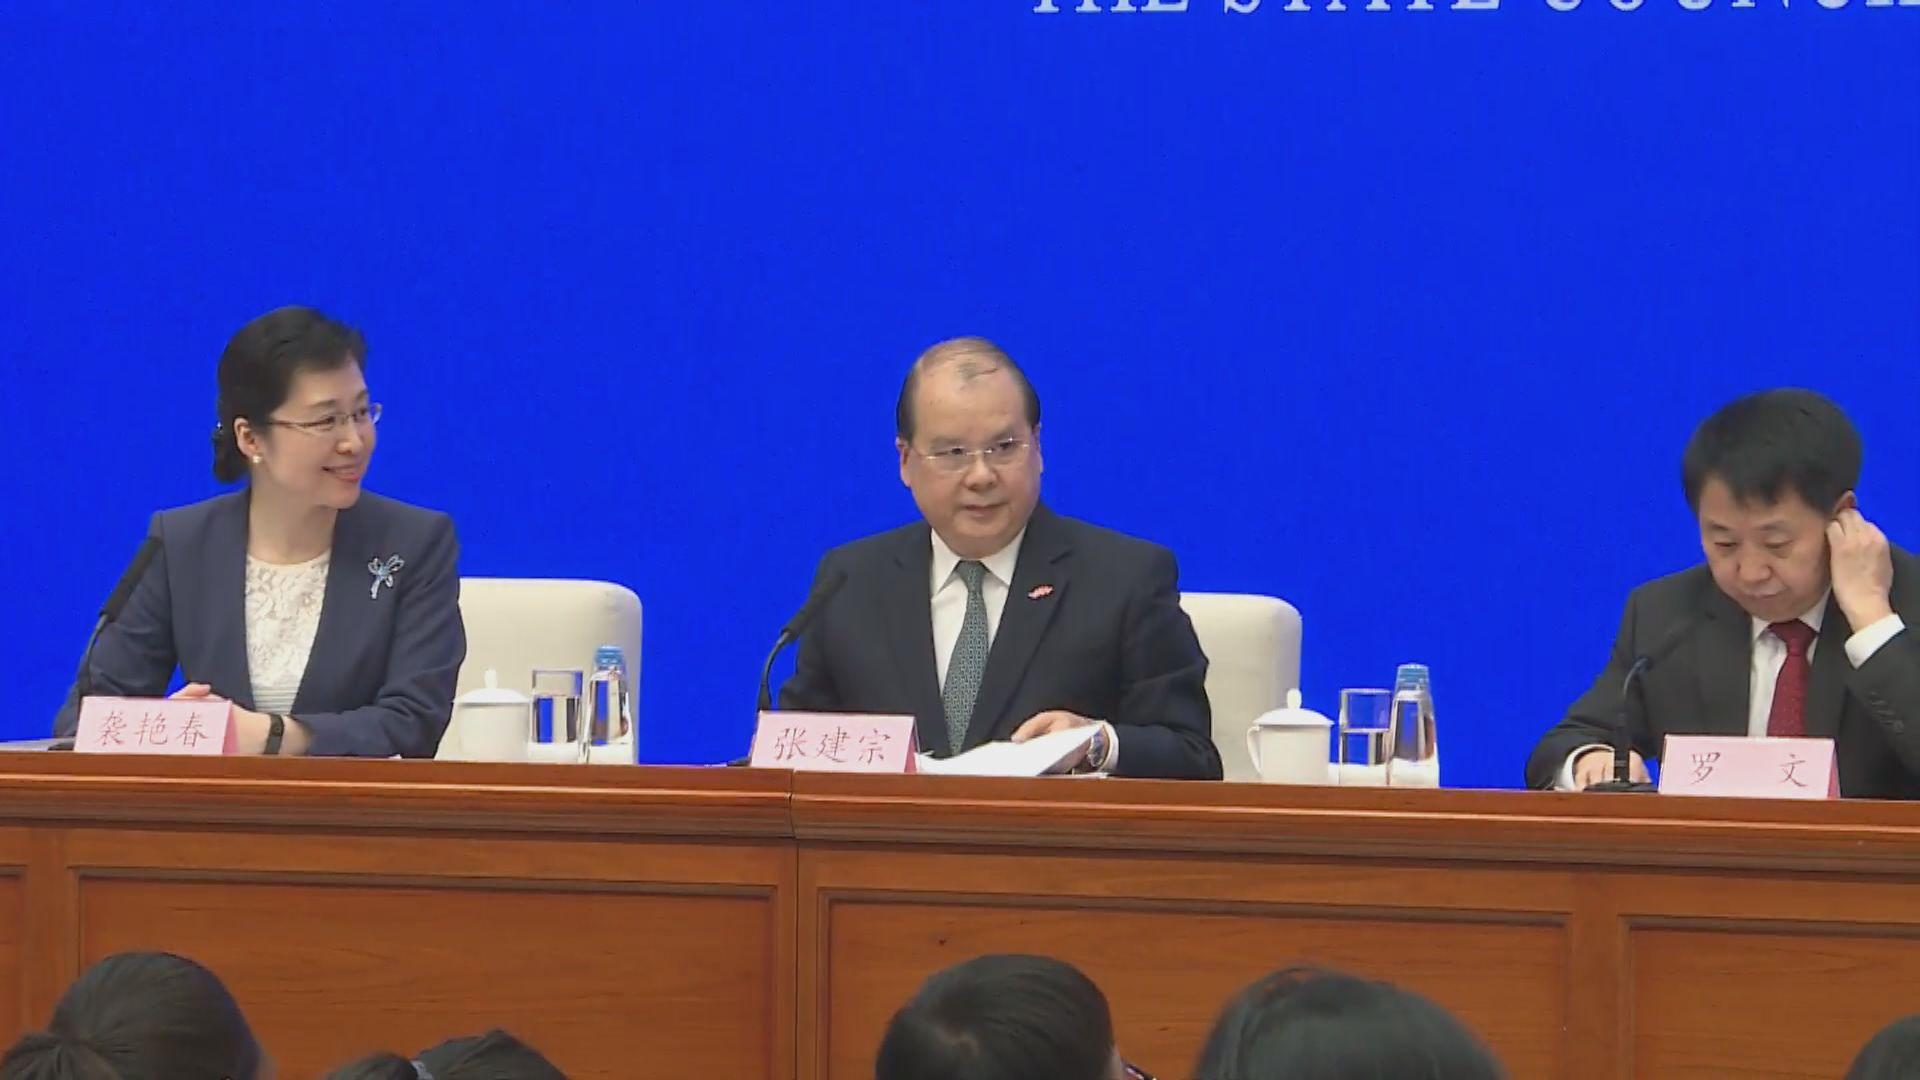 張建宗:大灣區不會影響香港獨立關稅區地位